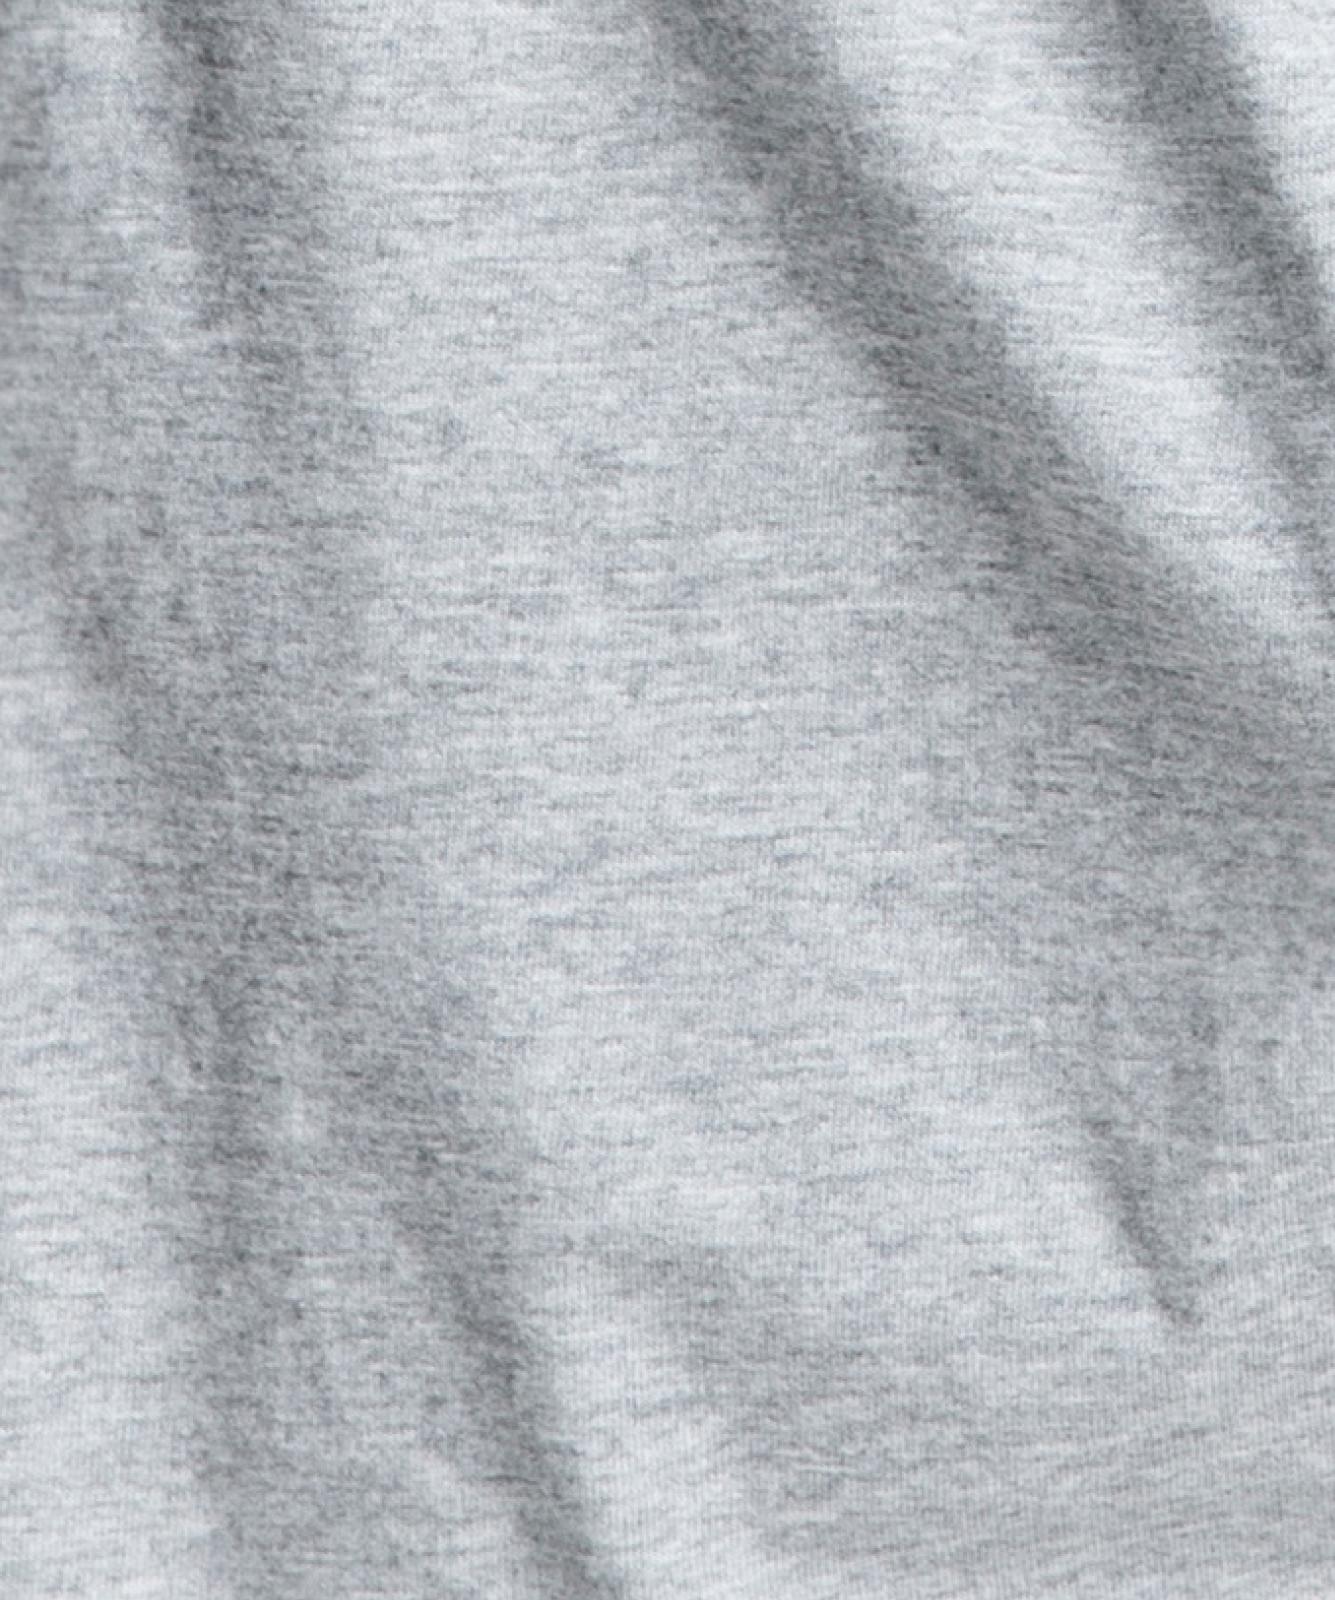 Мужские трусы боксеры Atlantic, набор из 2 шт., хлопок, графит + серый меланж, 2MBX-011